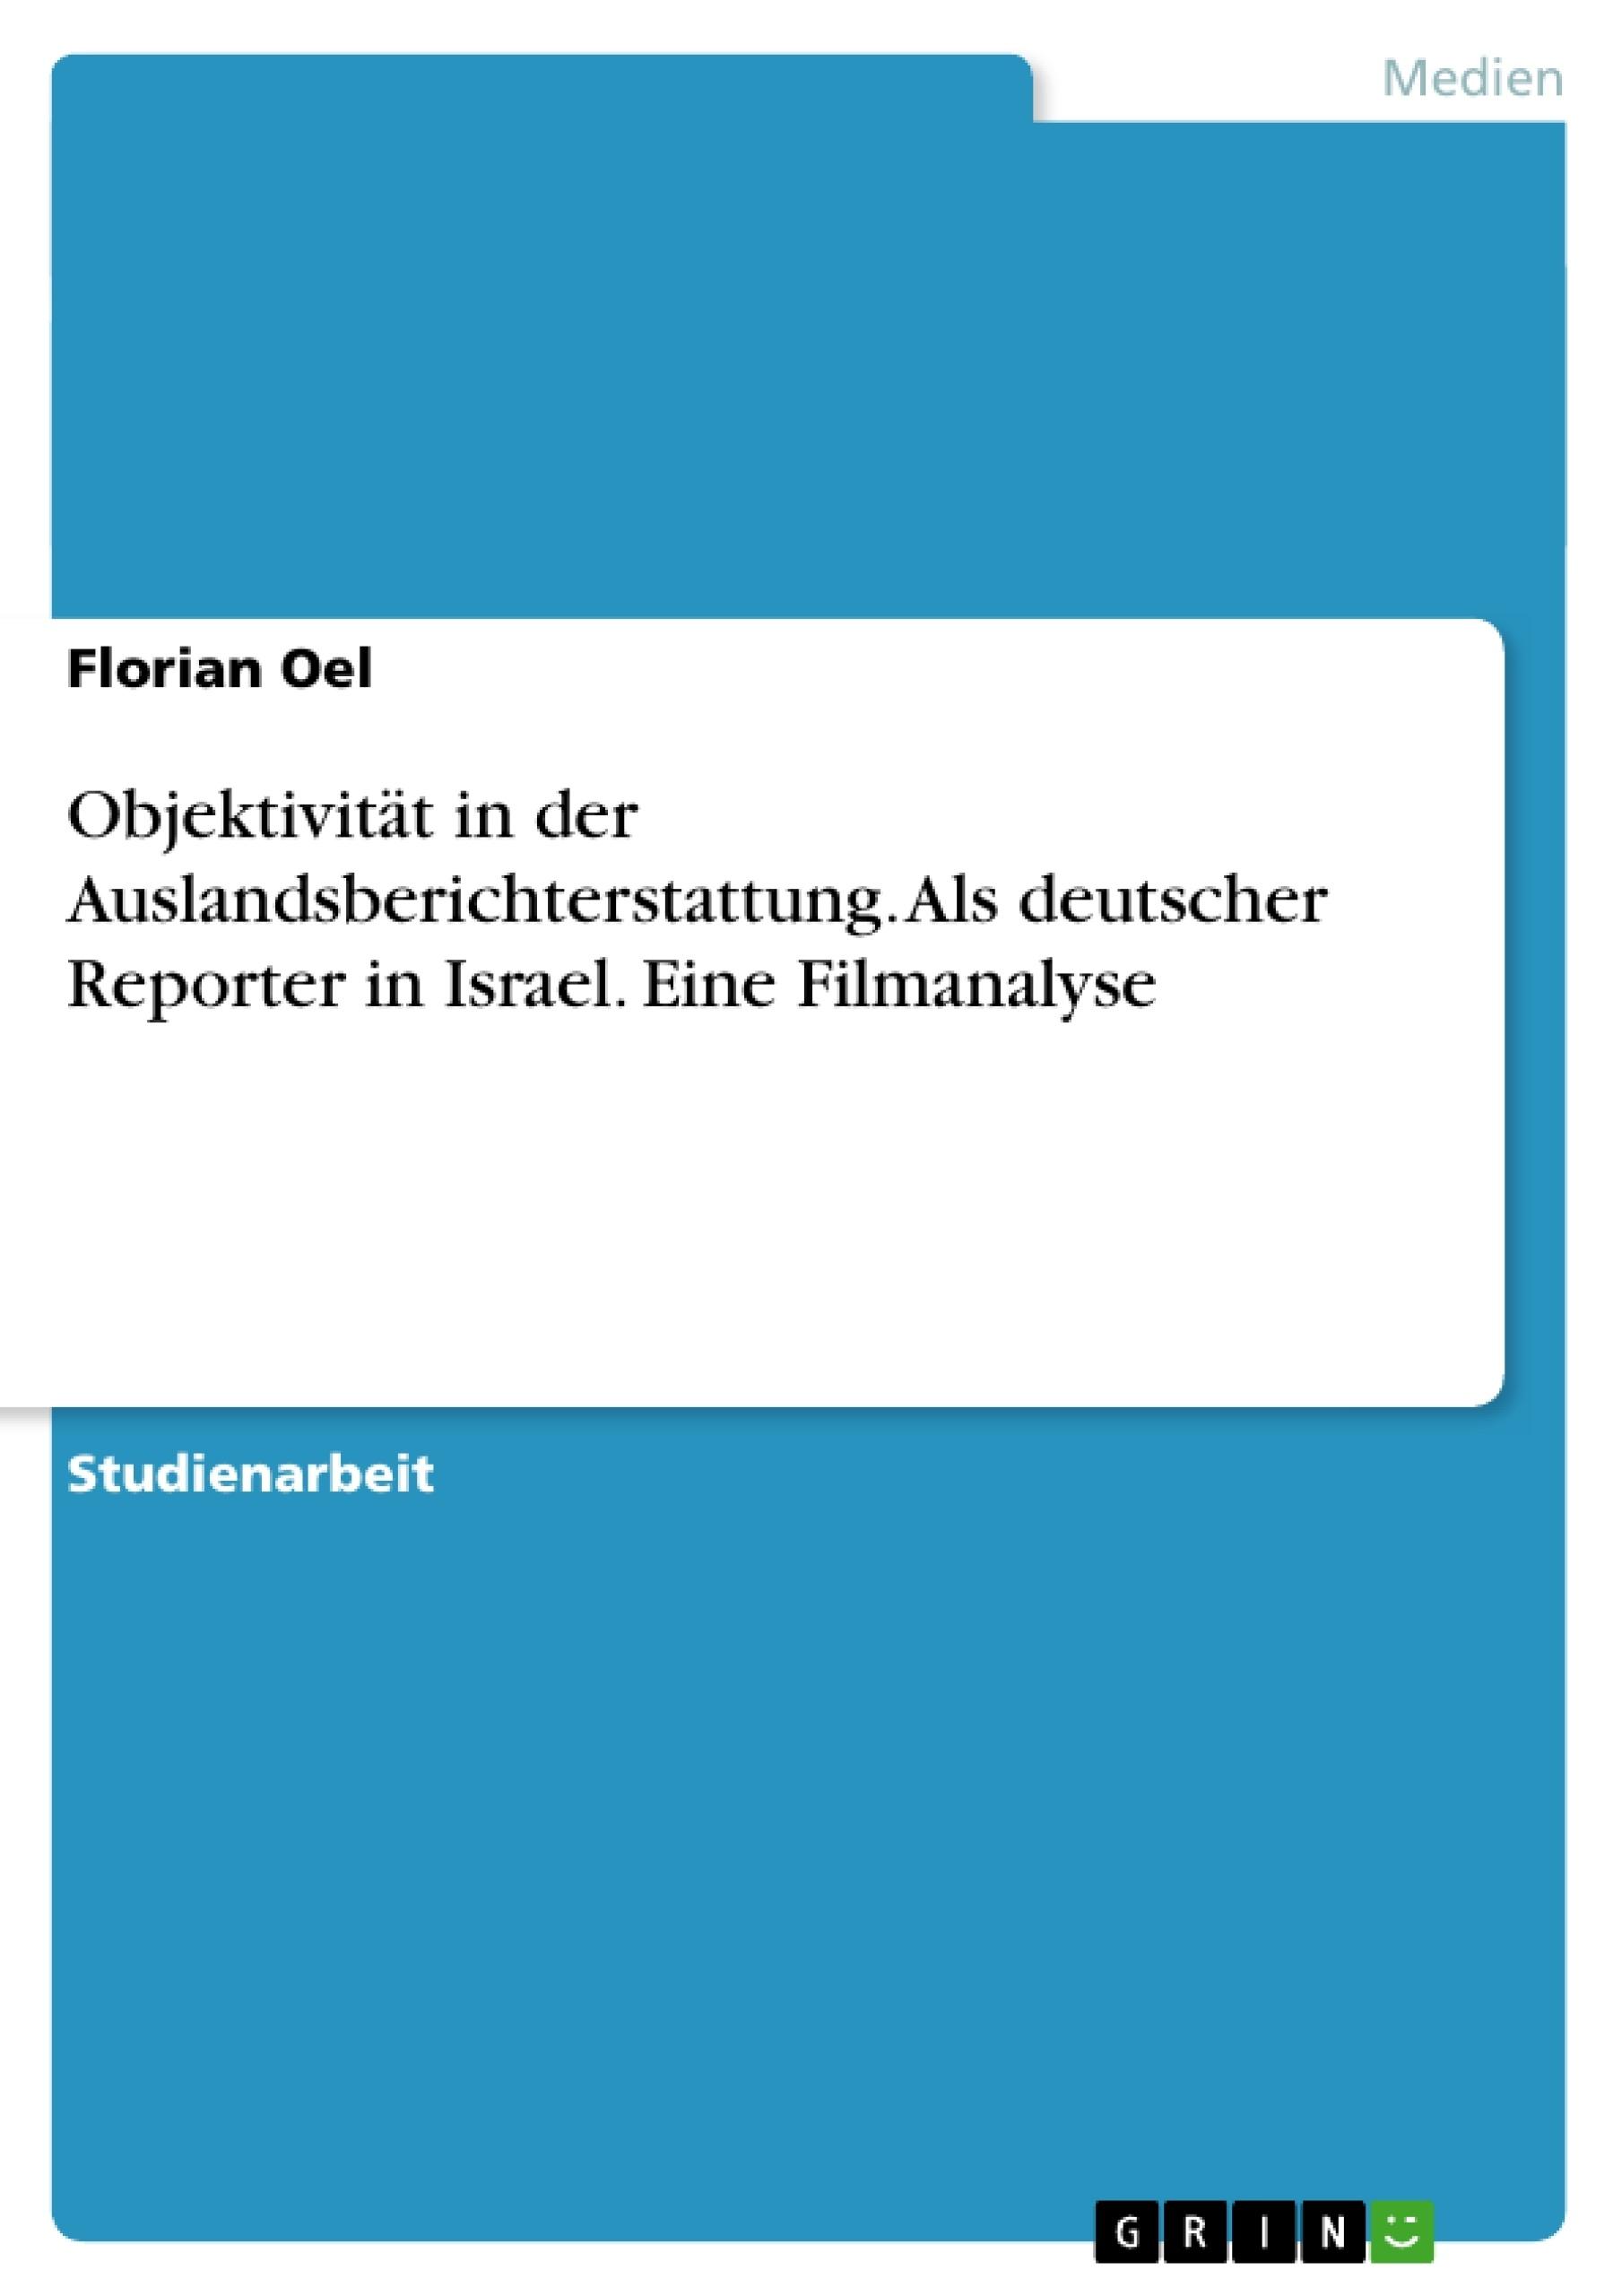 Titel: Objektivität in der Auslandsberichterstattung. Als deutscher Reporter in Israel. Eine Filmanalyse